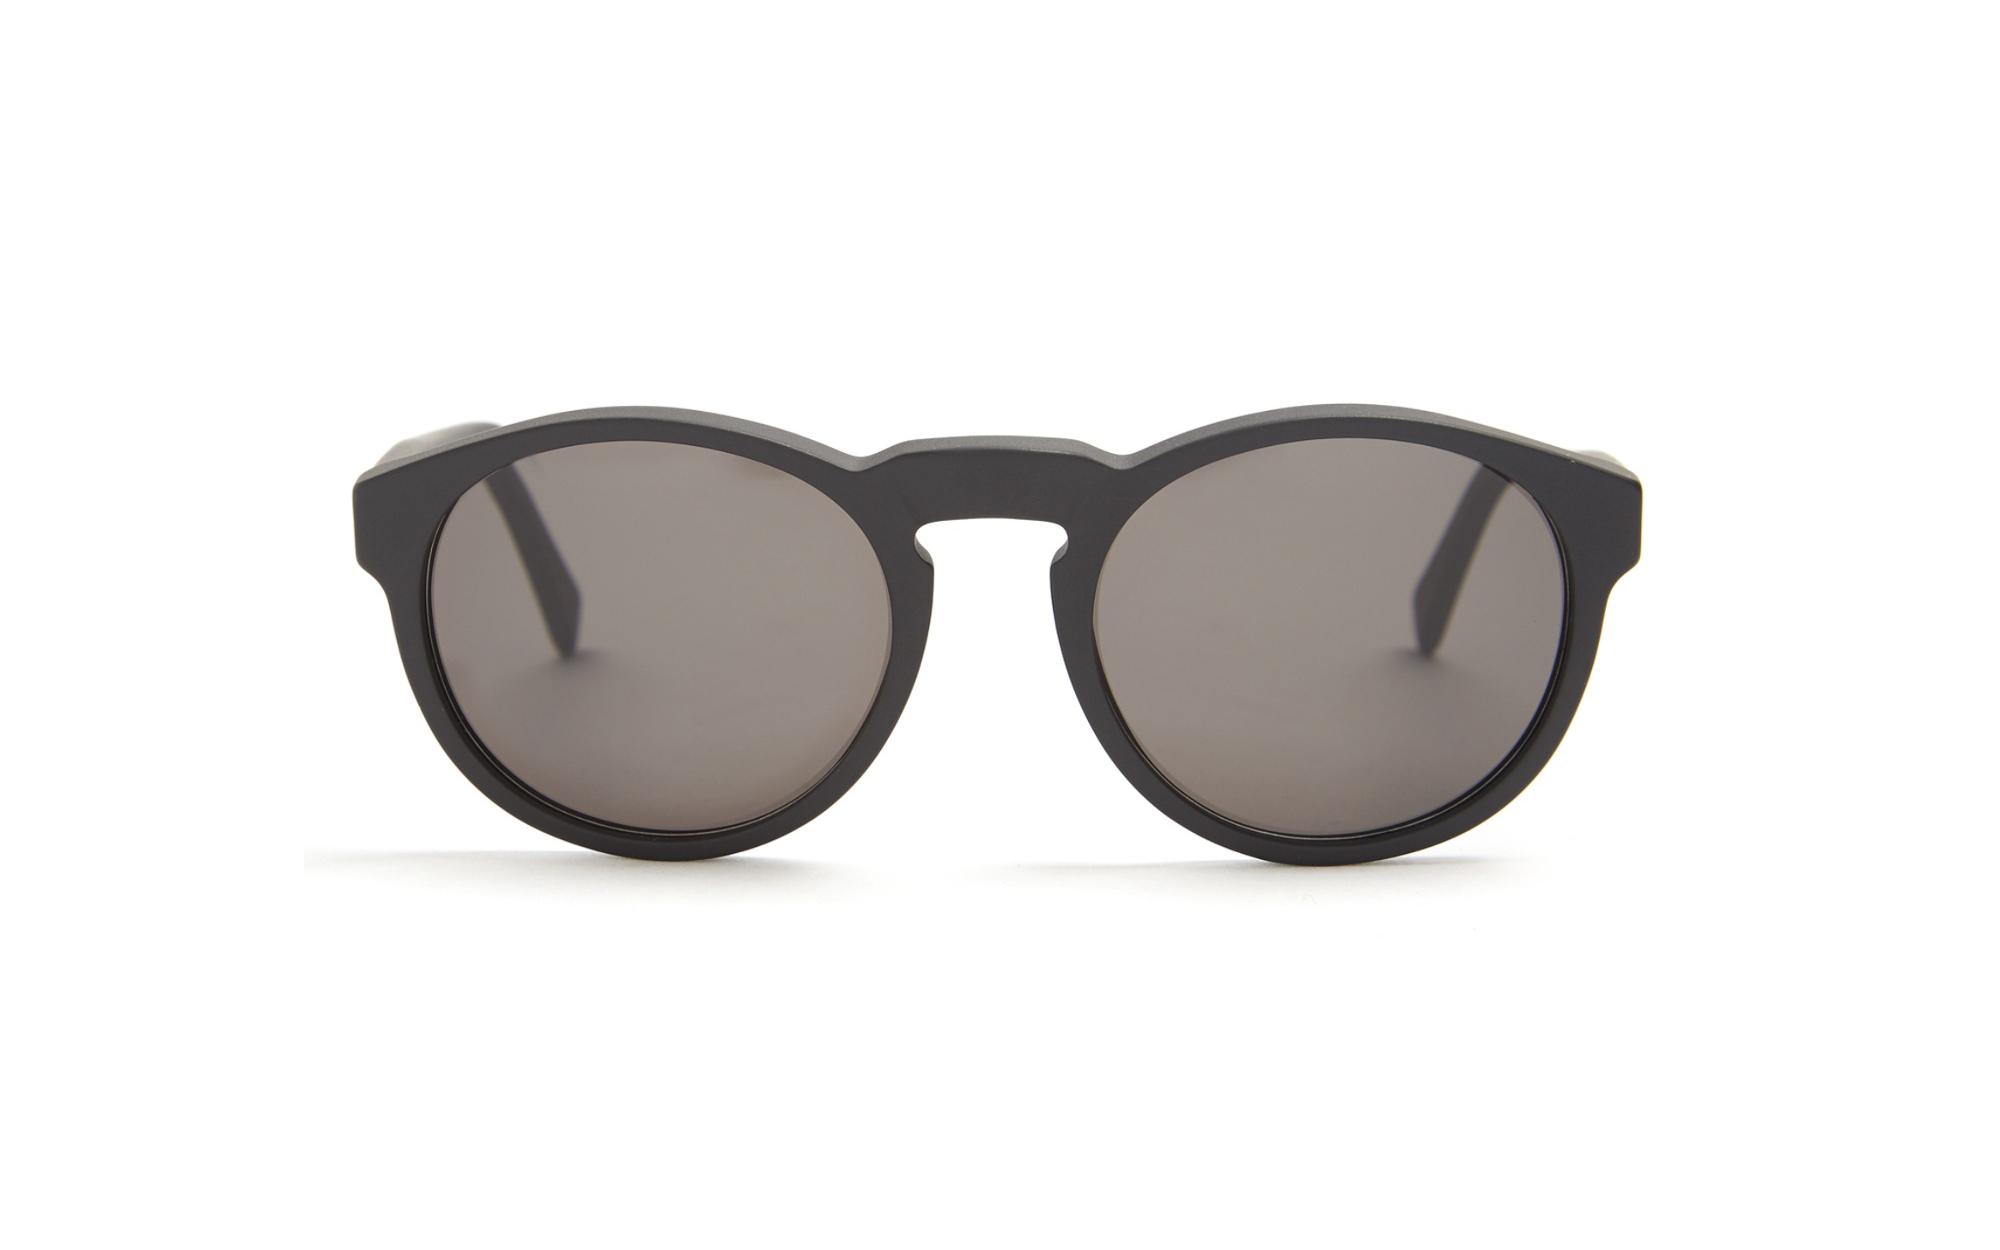 10 gafas de sol por menos de 100 euros - image gafas1-vanidad on https://www.vanidad.es